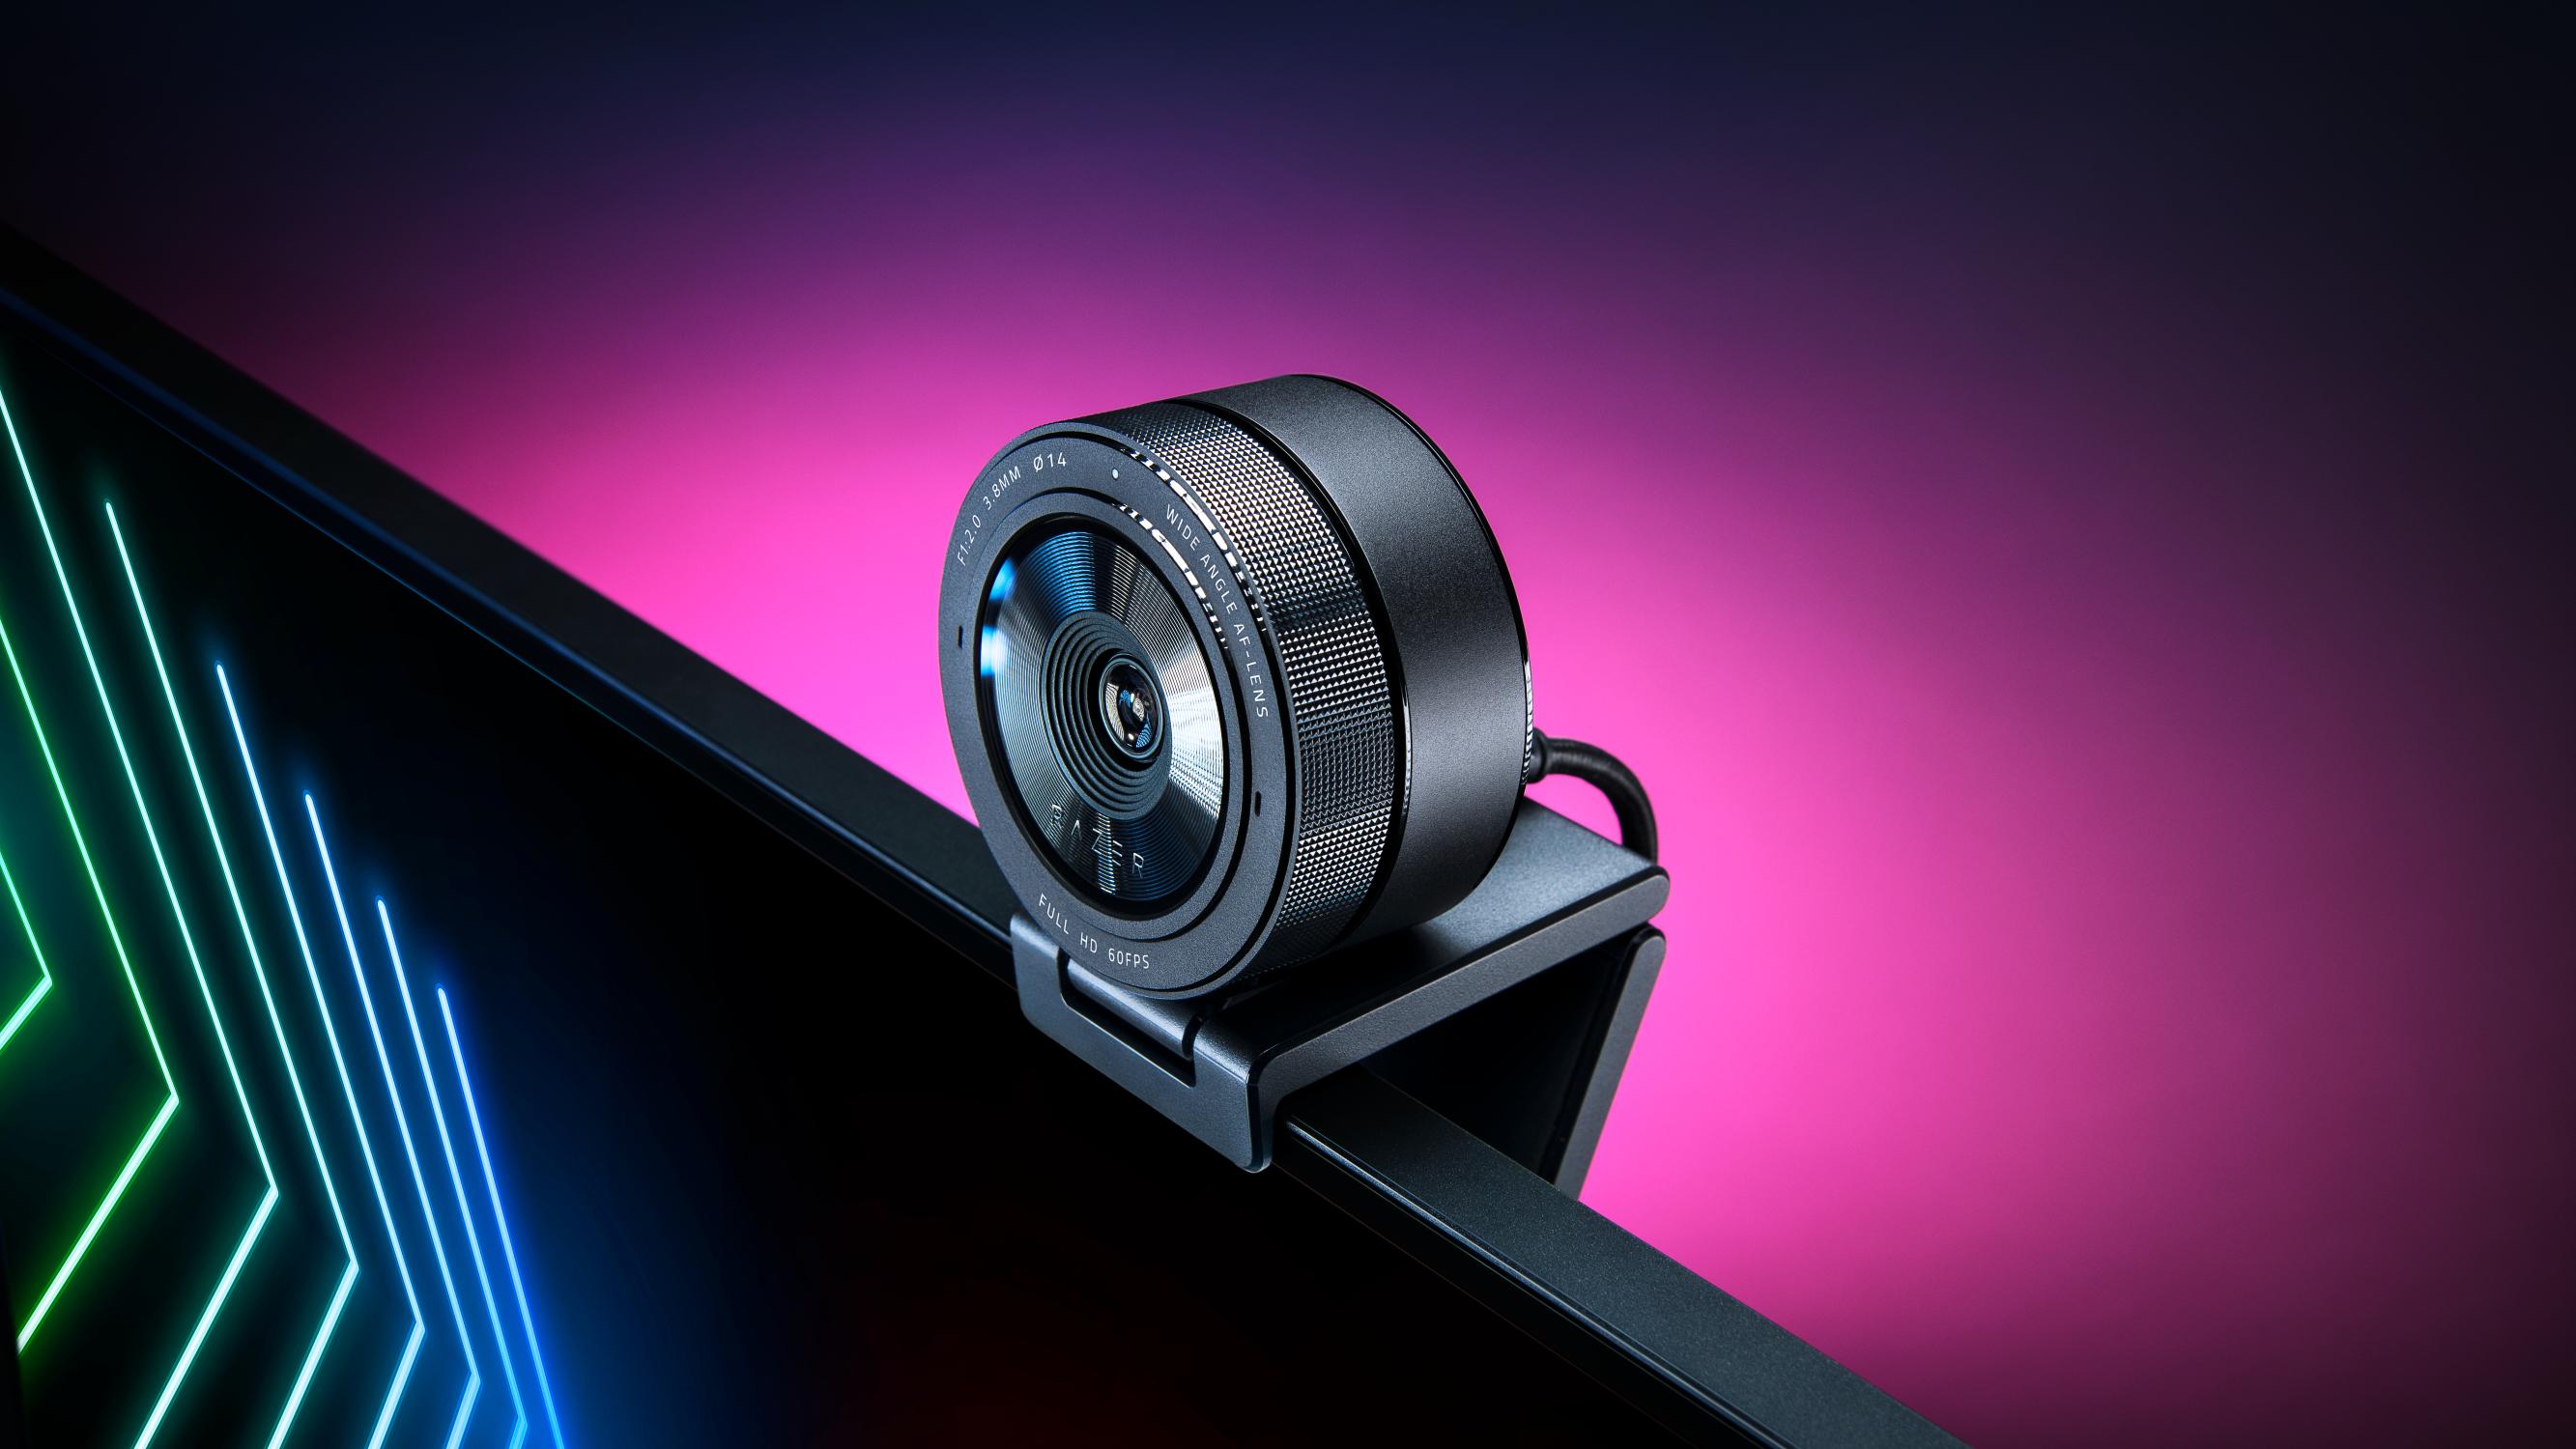 best webcams: Razer Kiyo Pro